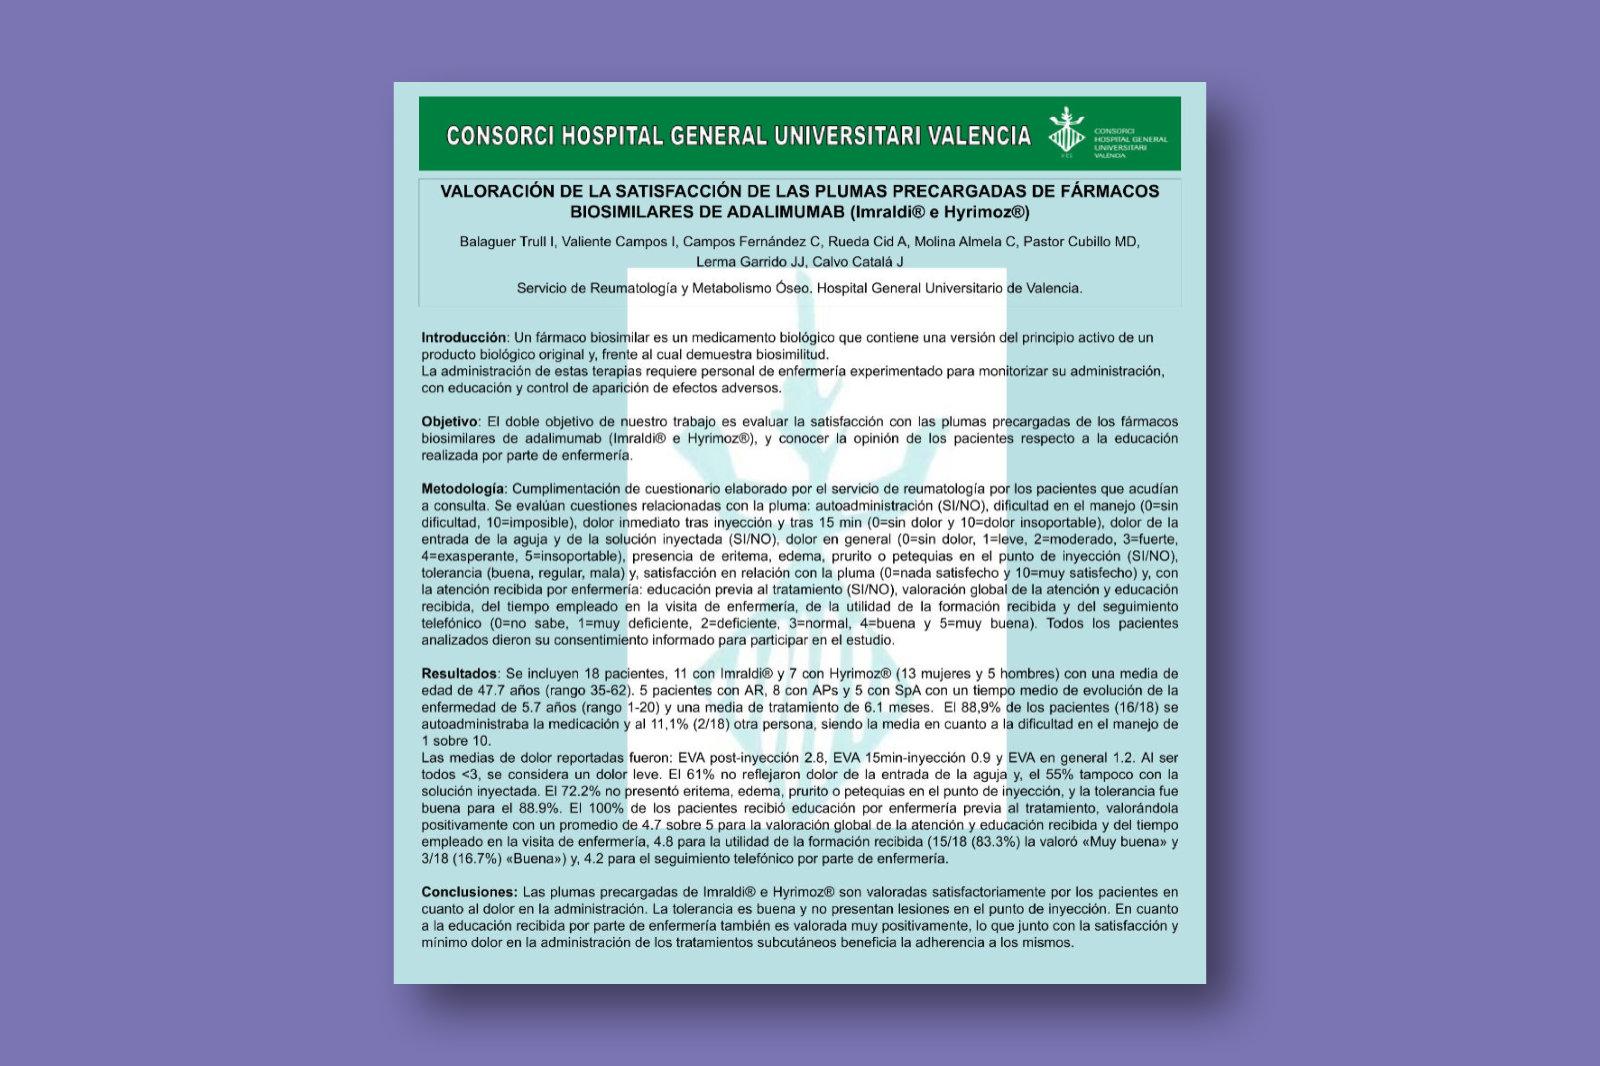 Valoración de la satisfacción de las plumas precargadas de fármacos biosimilares de adalimumab (Imraldi e Hyrimoz)